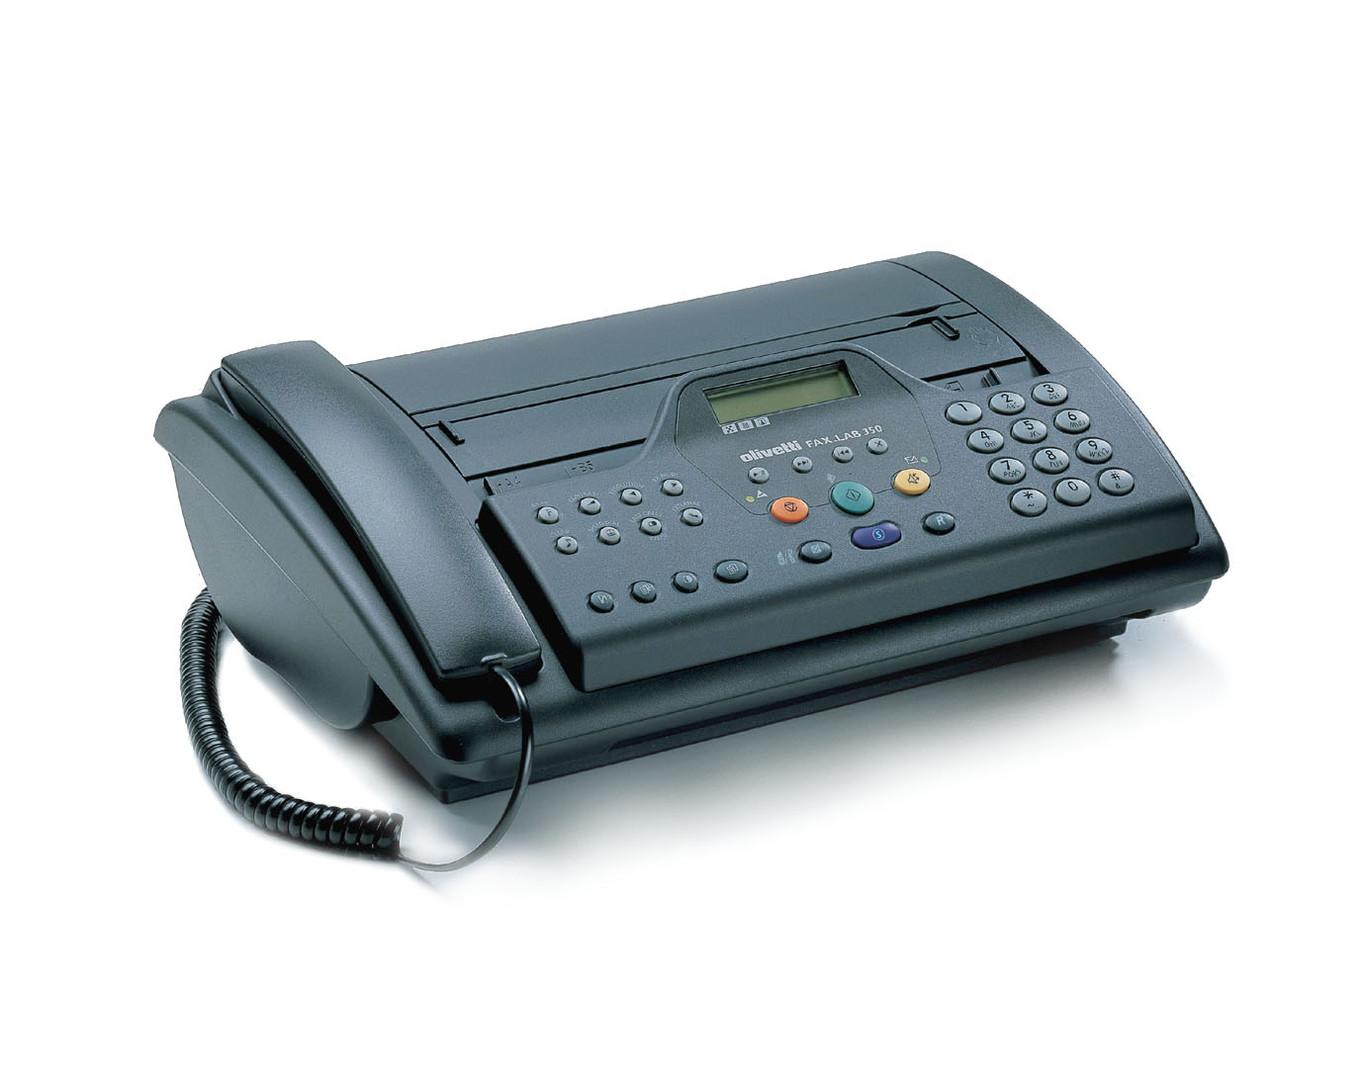 Olivetti Fax-Lab 350 Italy